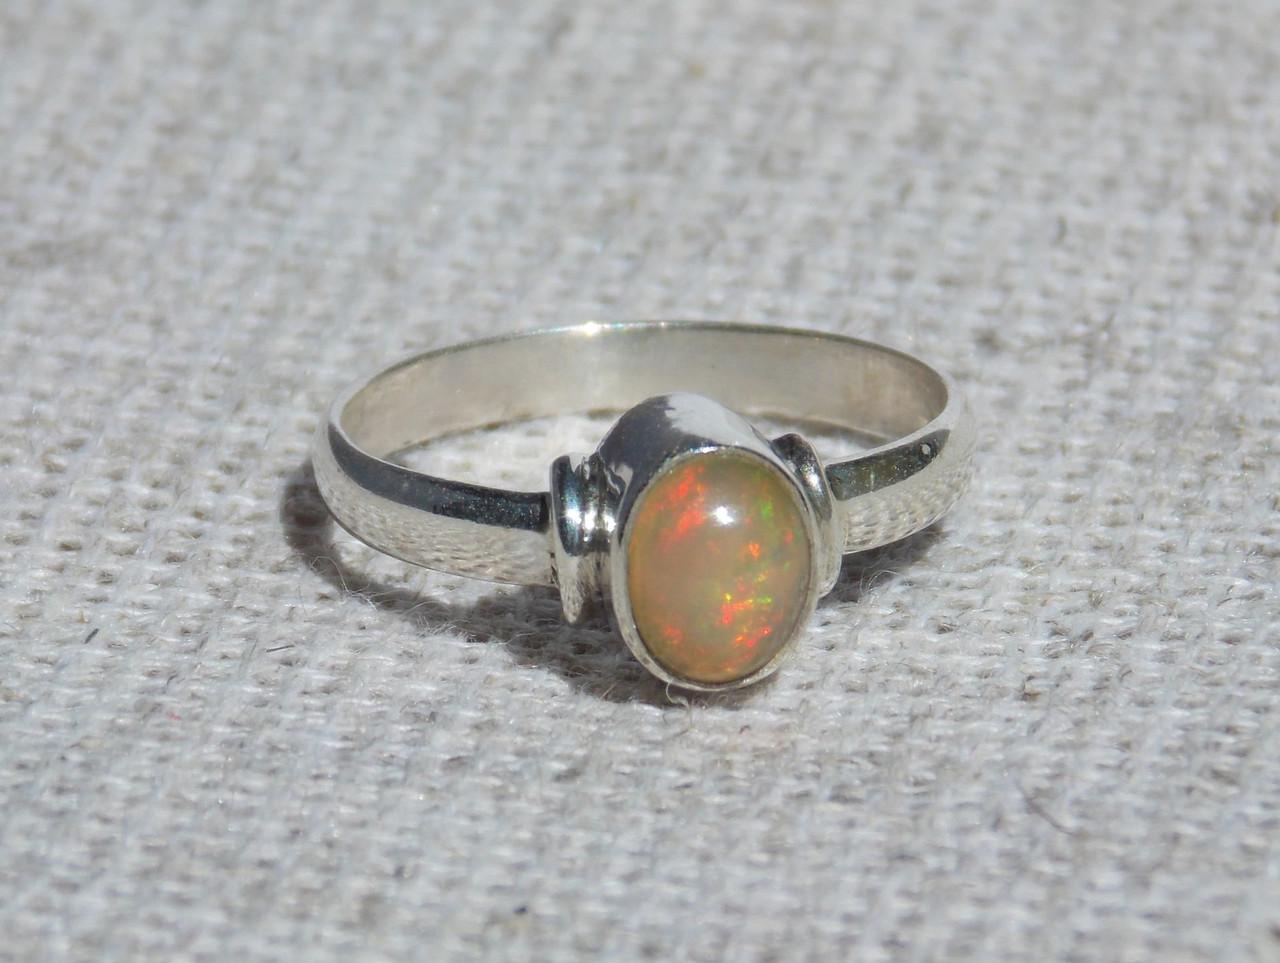 Серебряное кольцо с эфиопским опалом 17 размера. Кольца с камнями